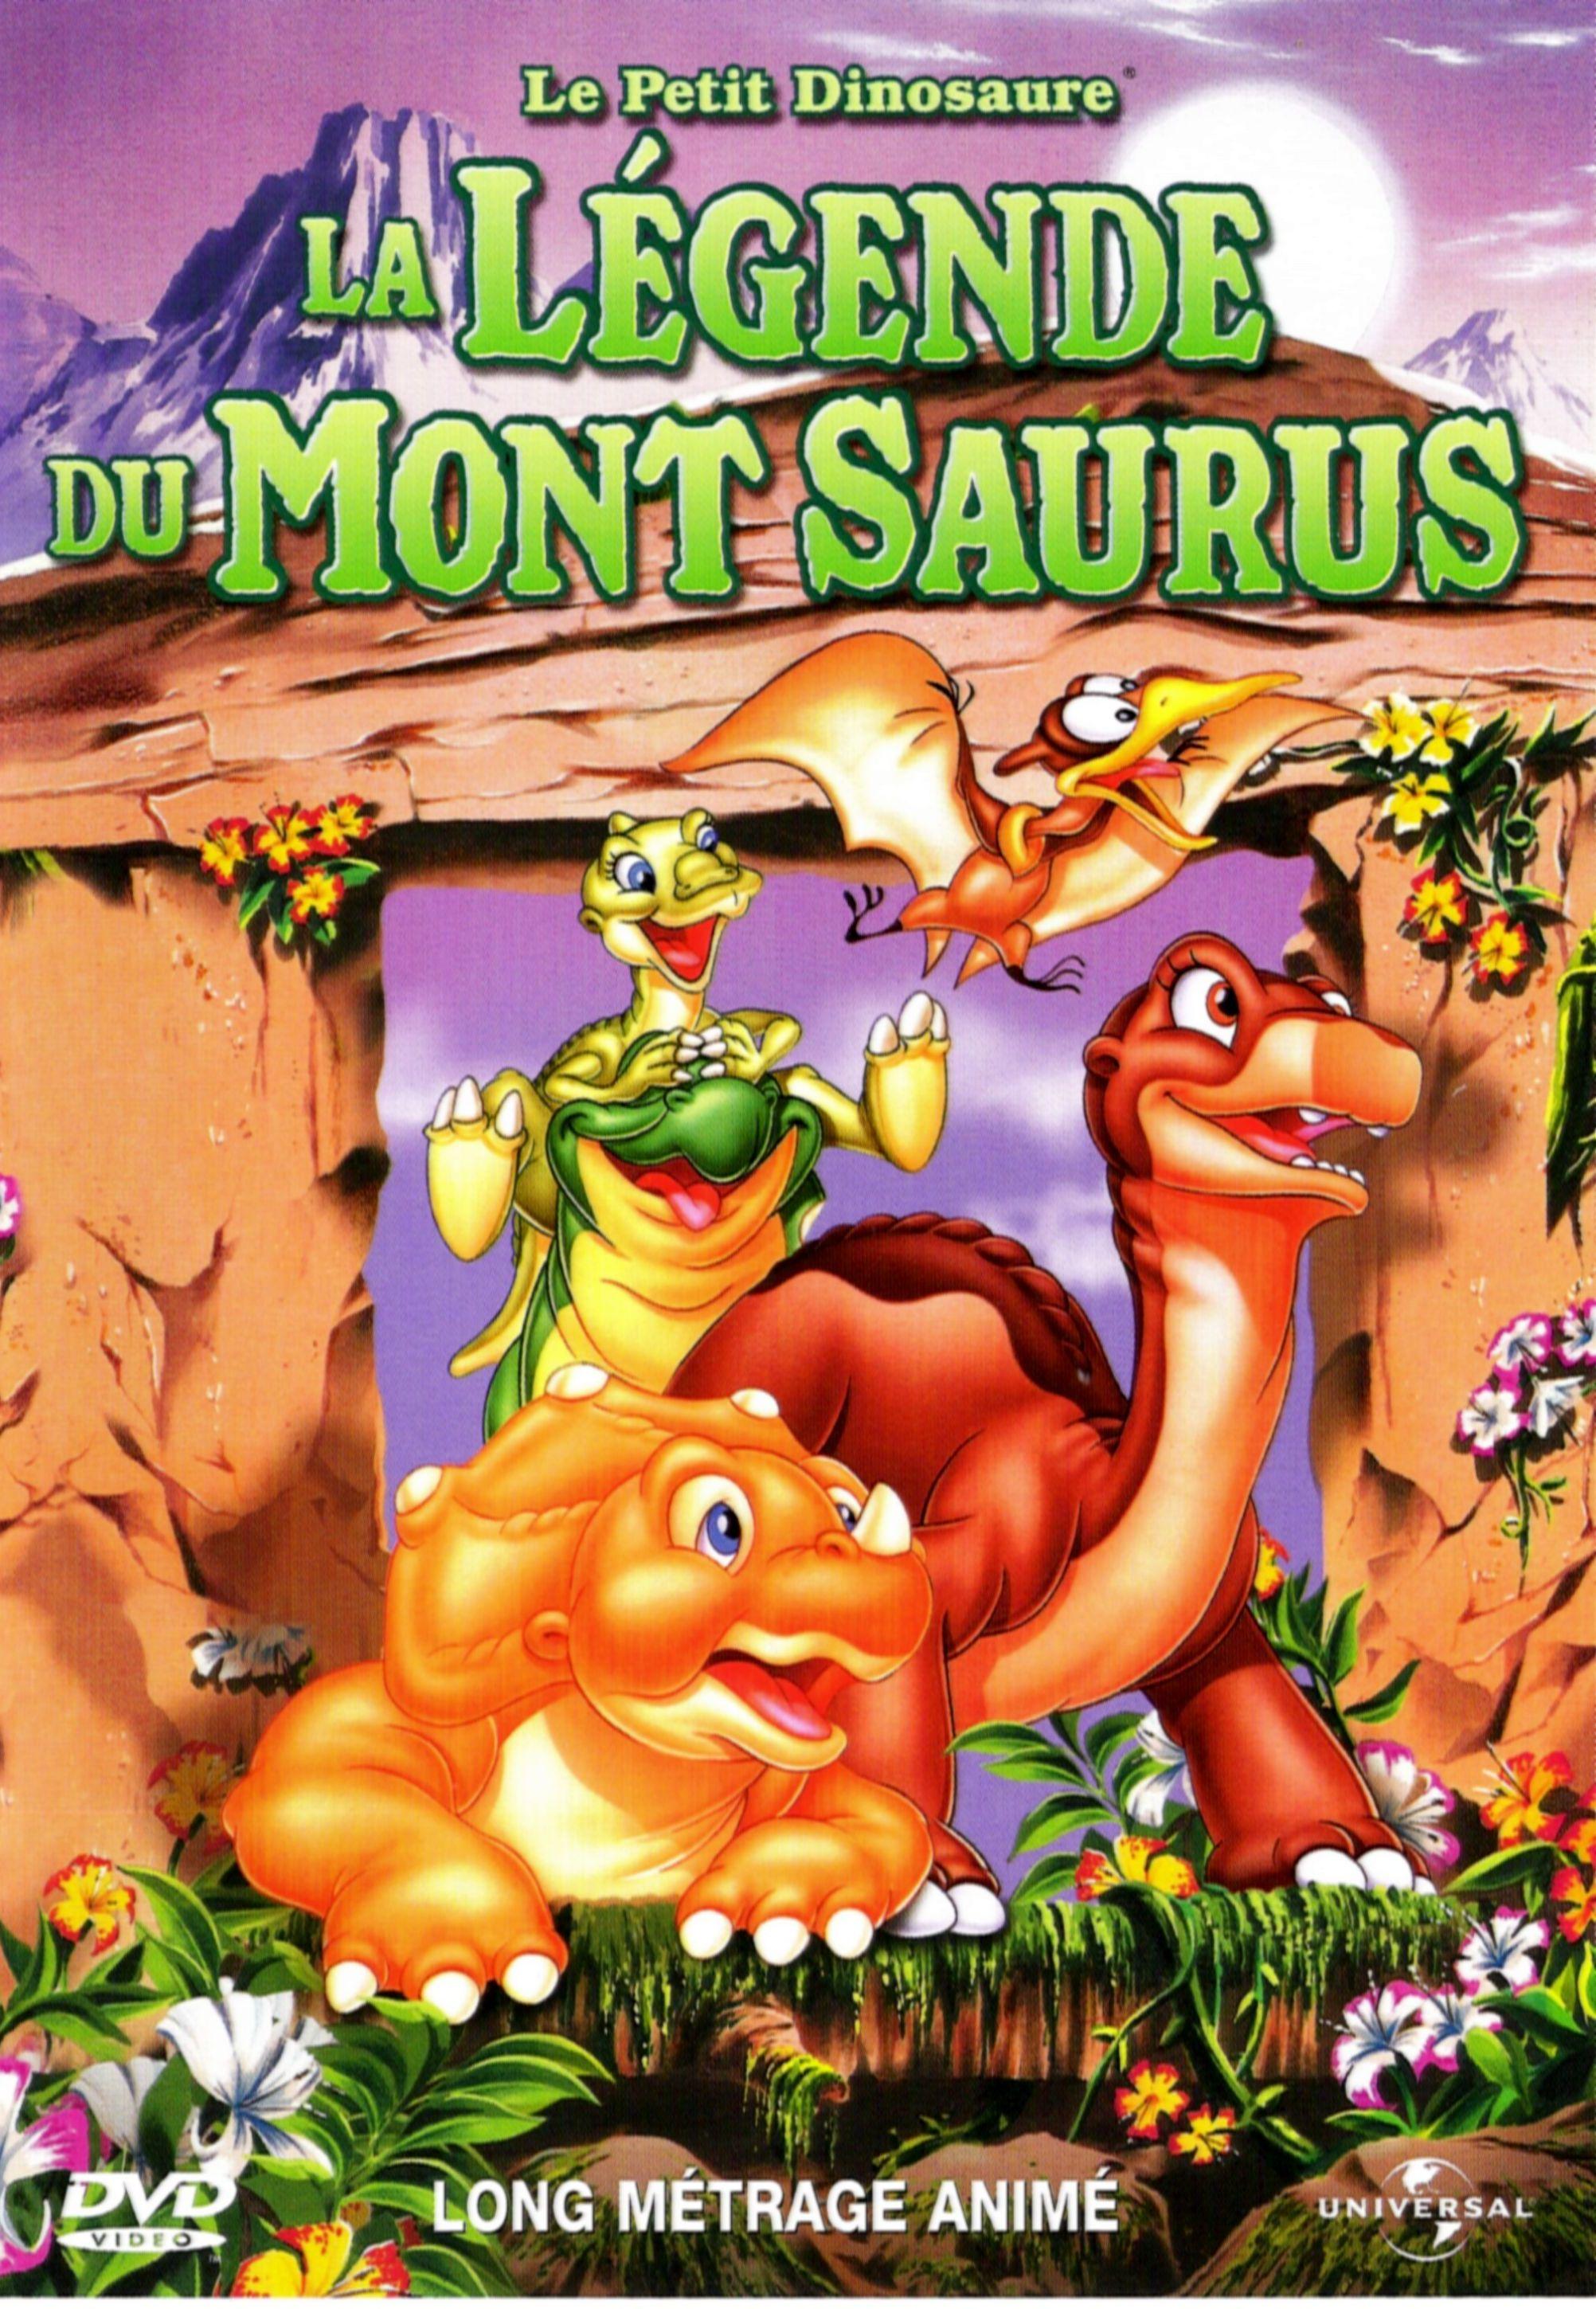 affiche du film Le Petit Dinosaure : La Légende du mont Saurus